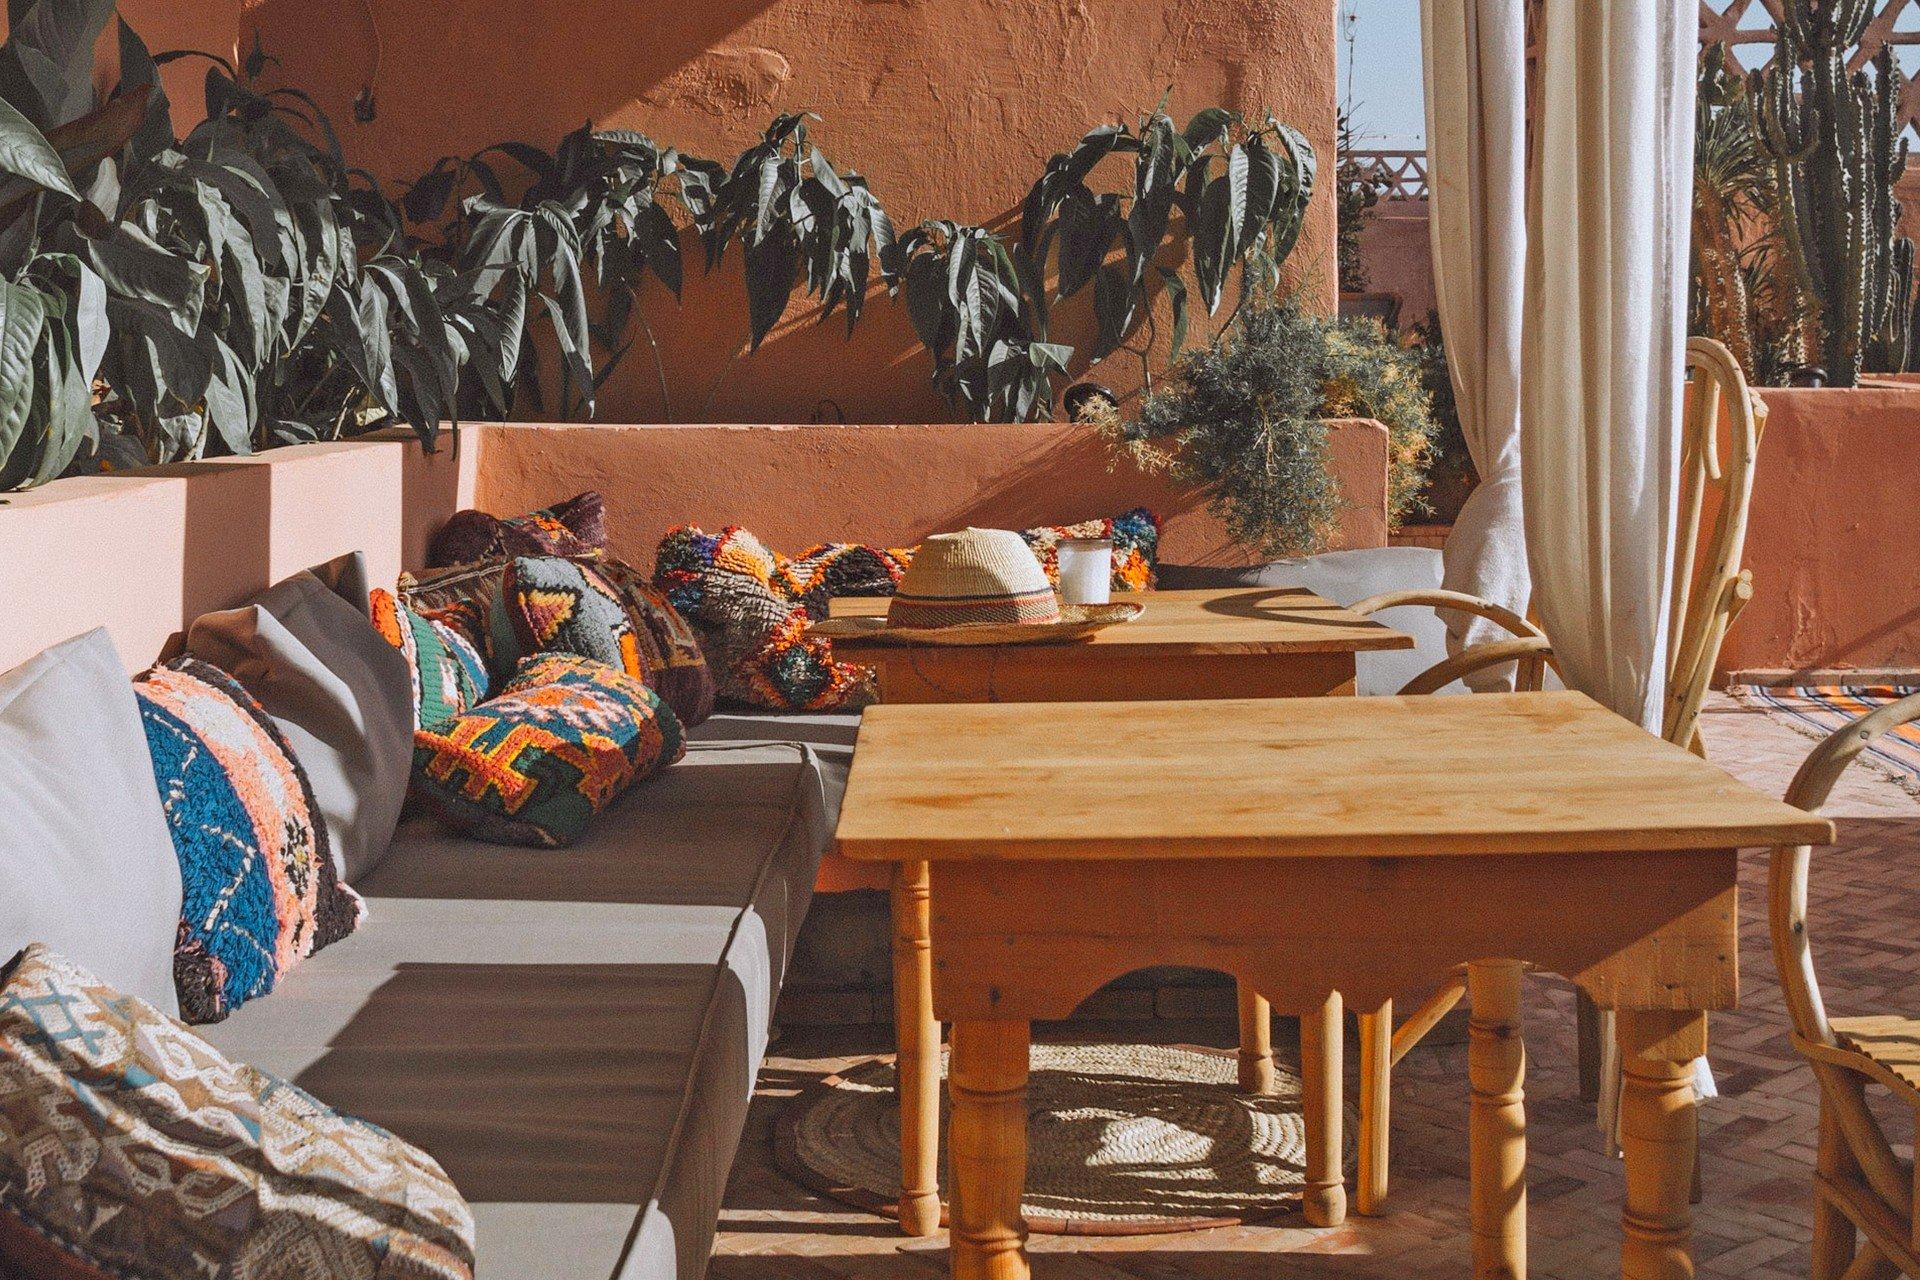 Comment bien choisir son hébergement à Essaouira?